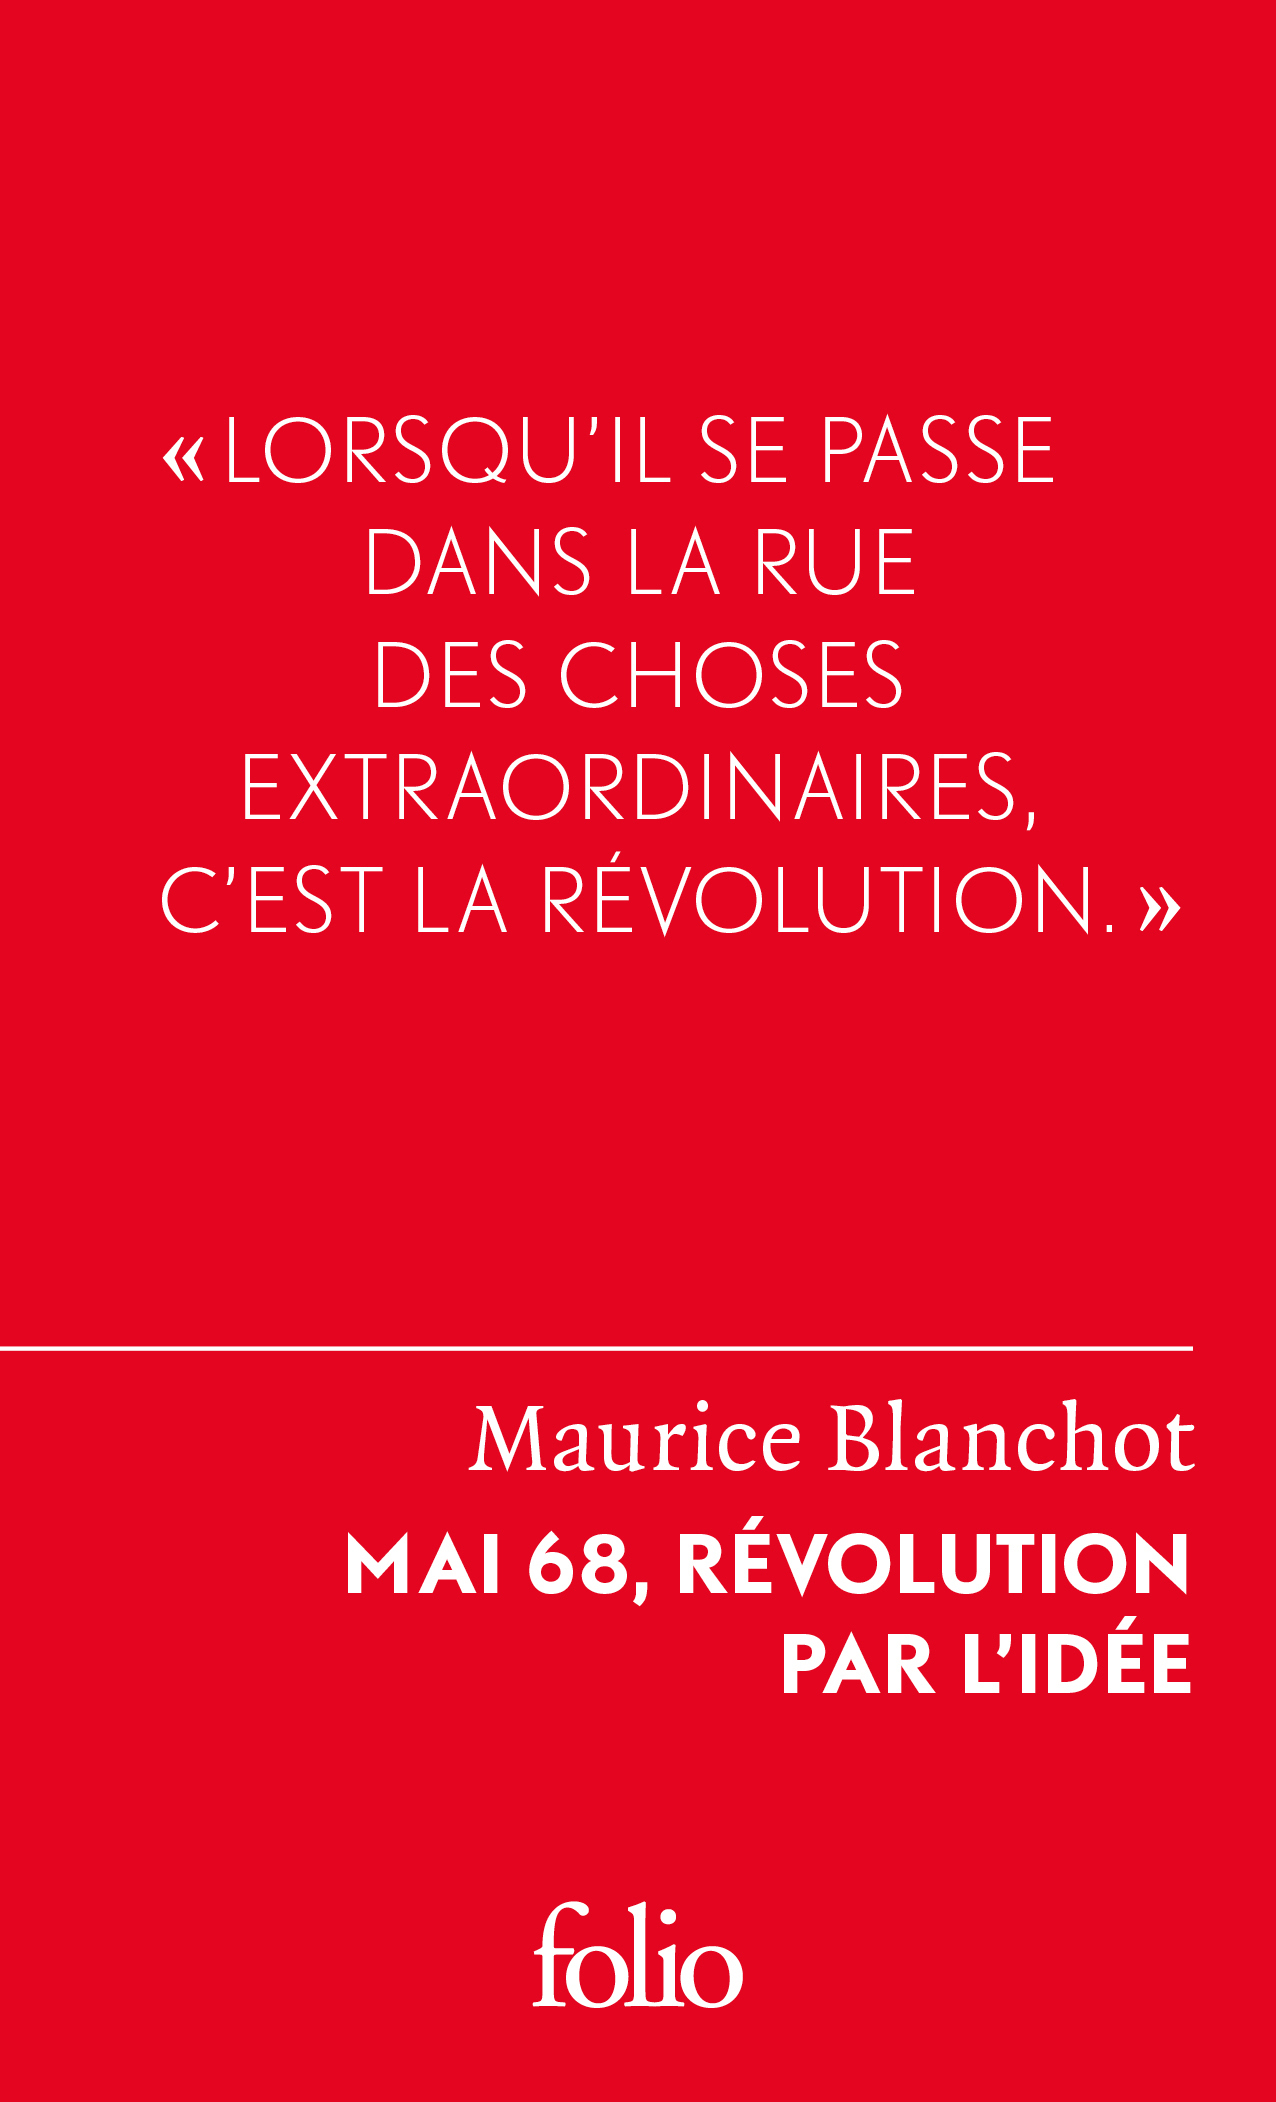 MAI 68, REVOLUTION PAR L'IDEE